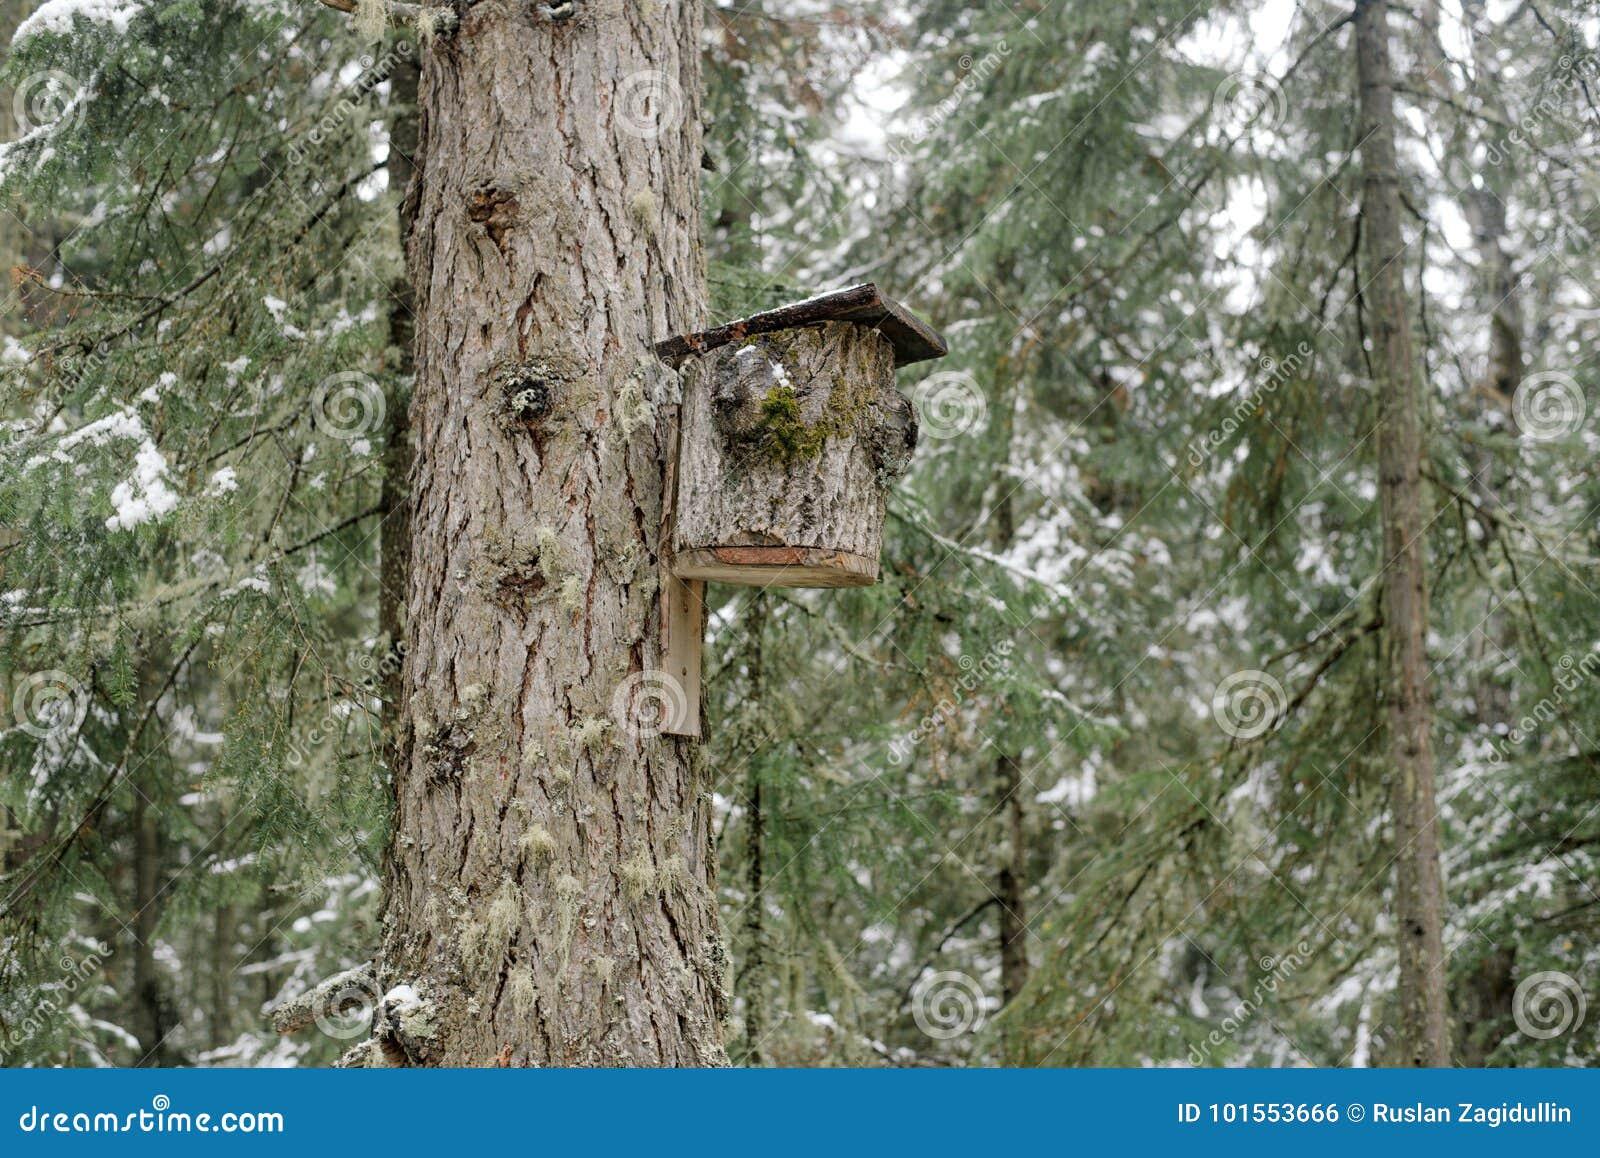 Een huis voor vogels maakte van boomschors